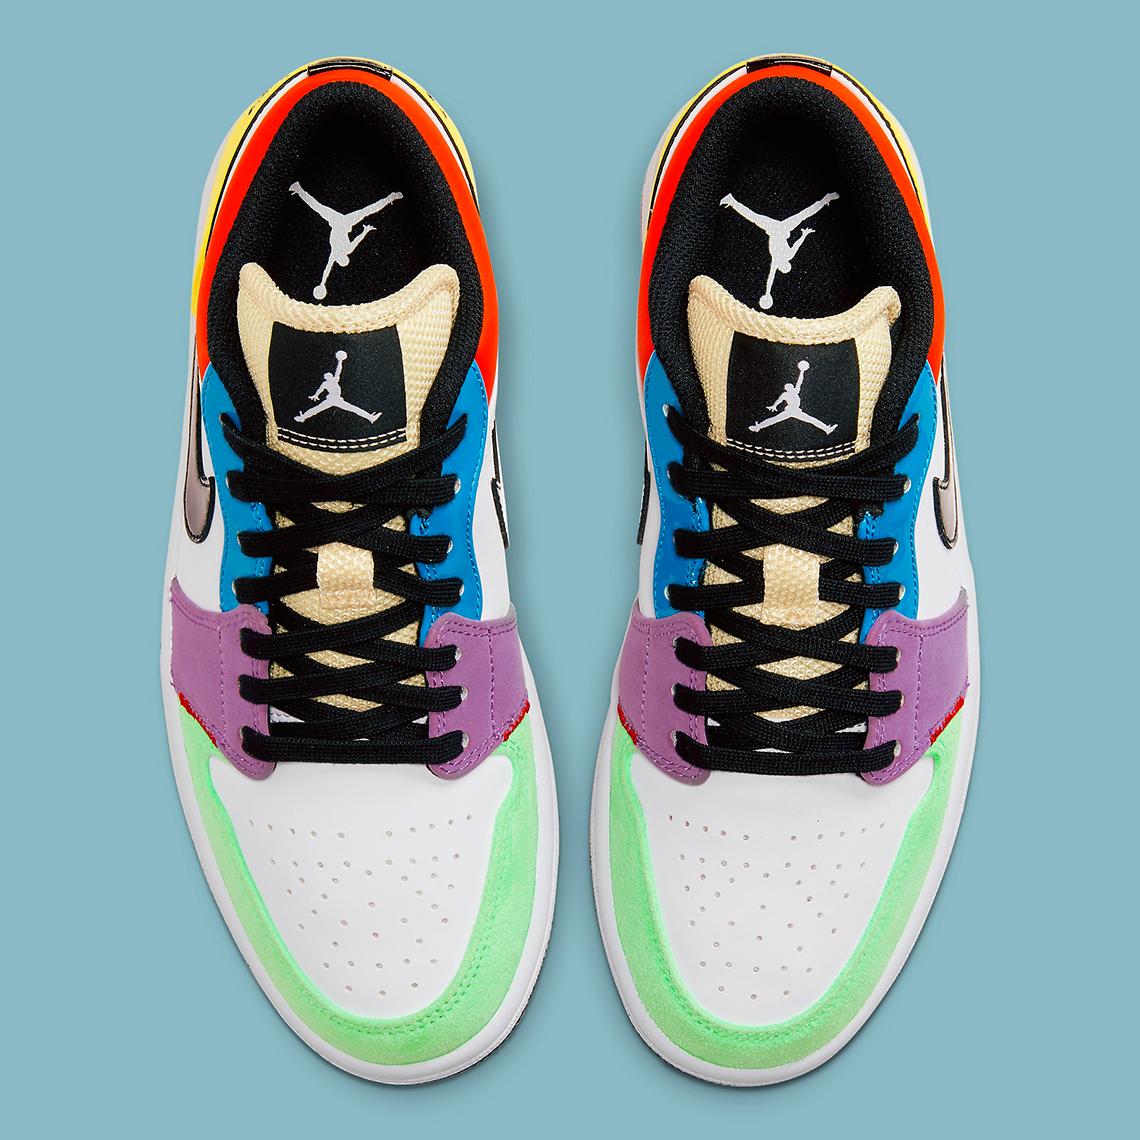 Air Jordan 1 Low Multi-Color CZ3572-104 | SneakerNews.com